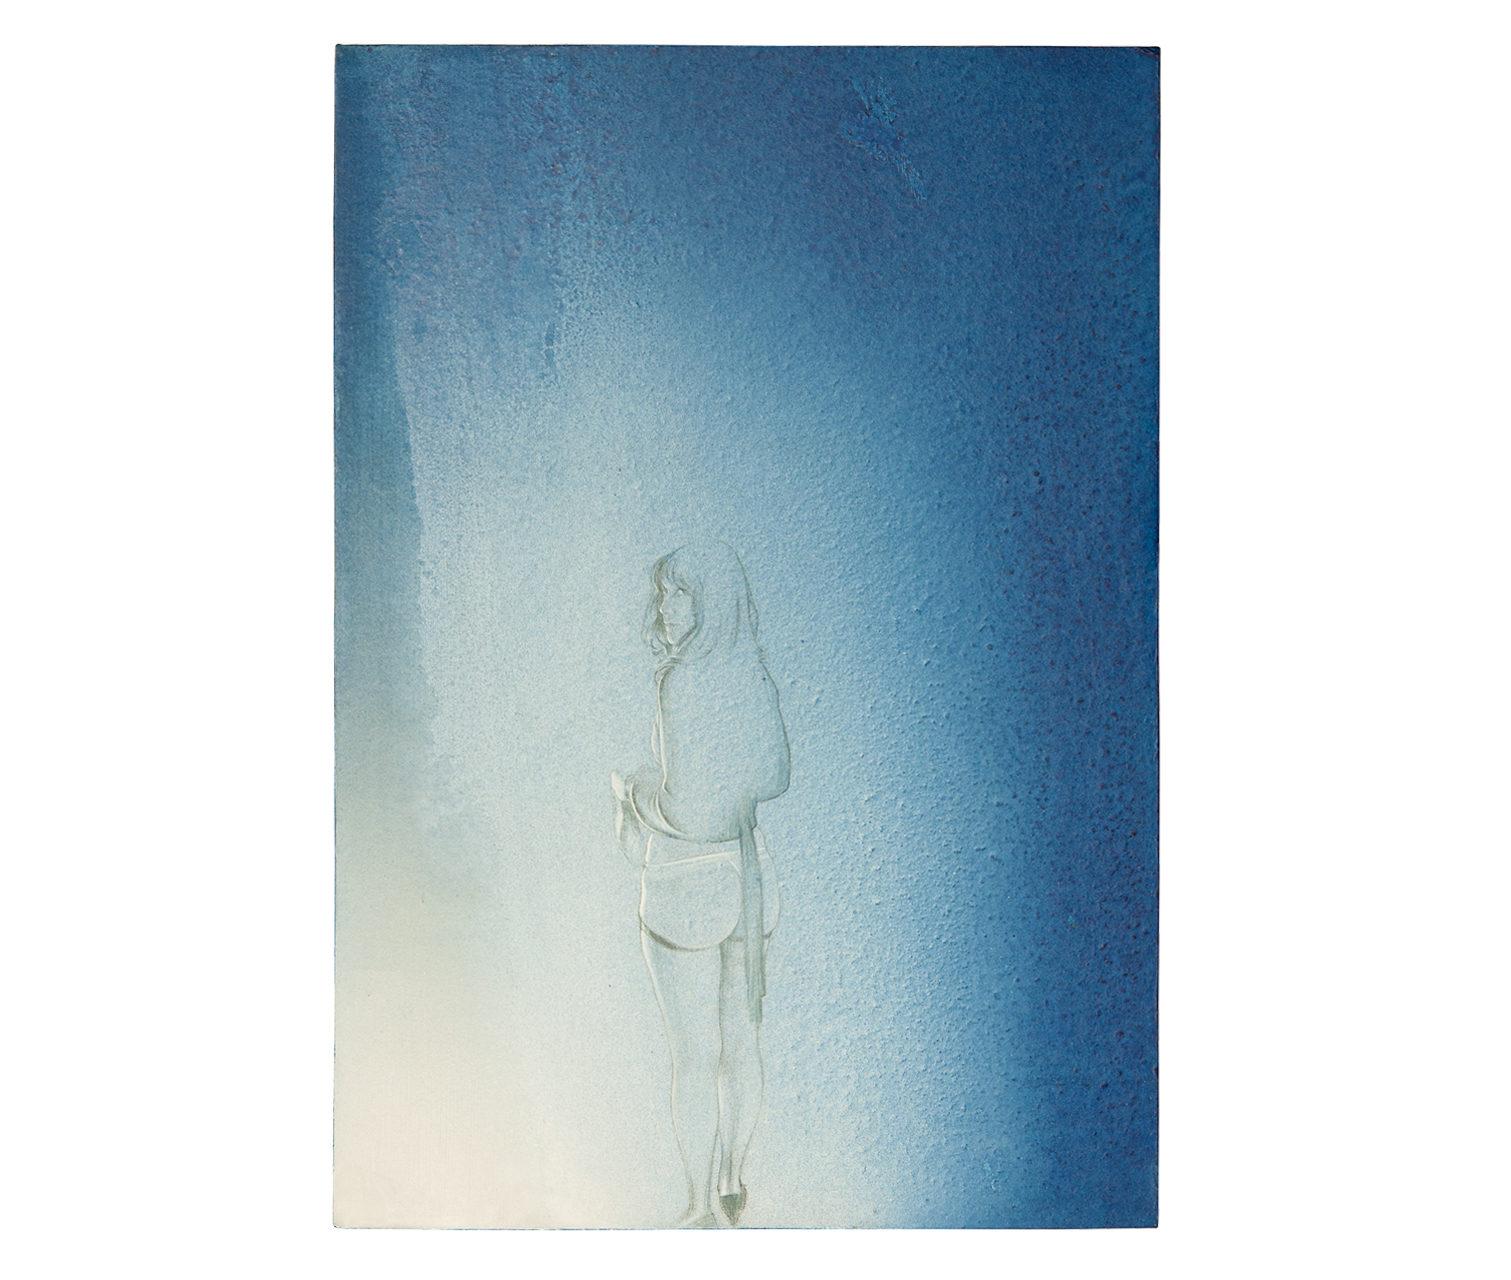 Studio per Mrs. R. 2013 - cm 27,9x40,2 - disegno, colori acrilici su carta su legno